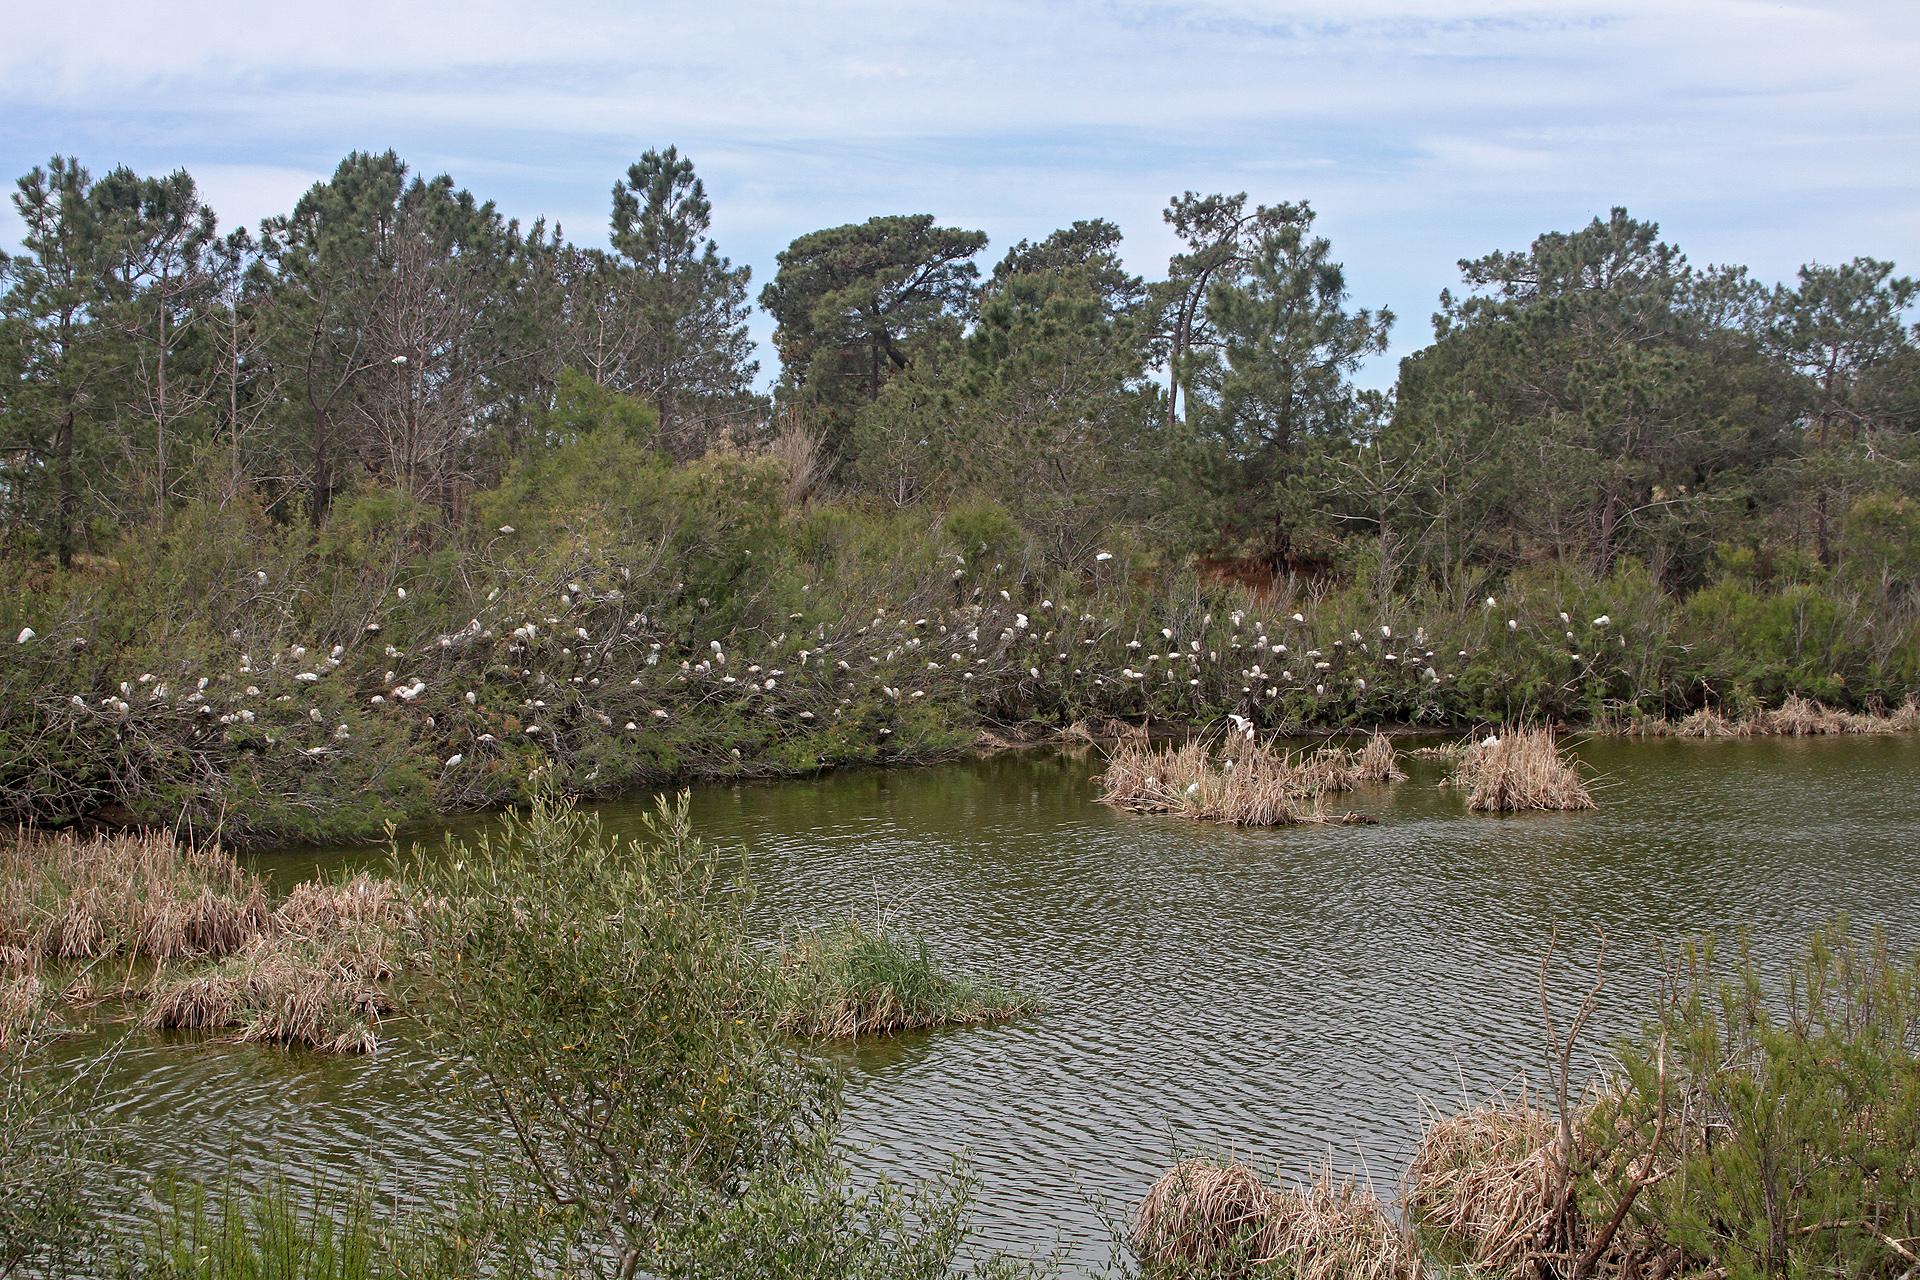 Kuhreiher-Kolonie im Ria Formosa-Schutzgebiet